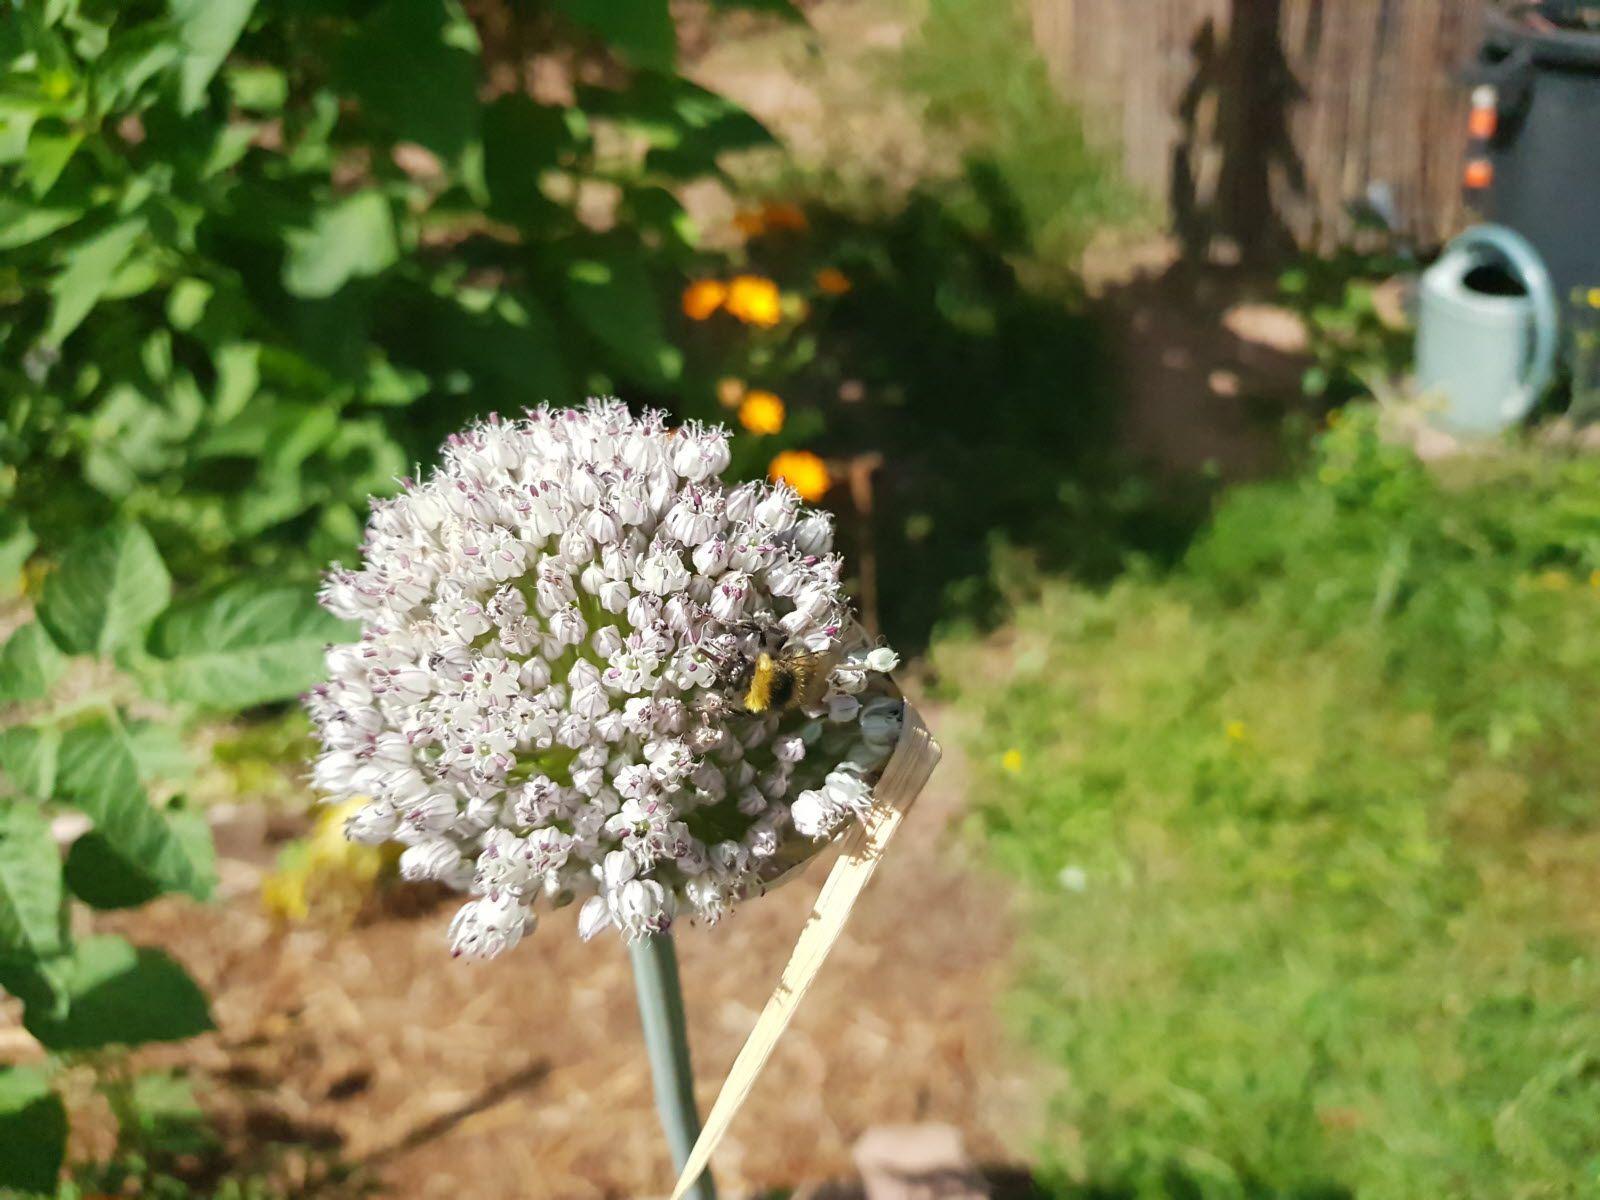 08-Les insectes semblent apprécier la diversité des plantes et fleurs du jardin des sonneurs.  Photo : DNA/Thomas Lepoutre (Cliquez pour agrandir)